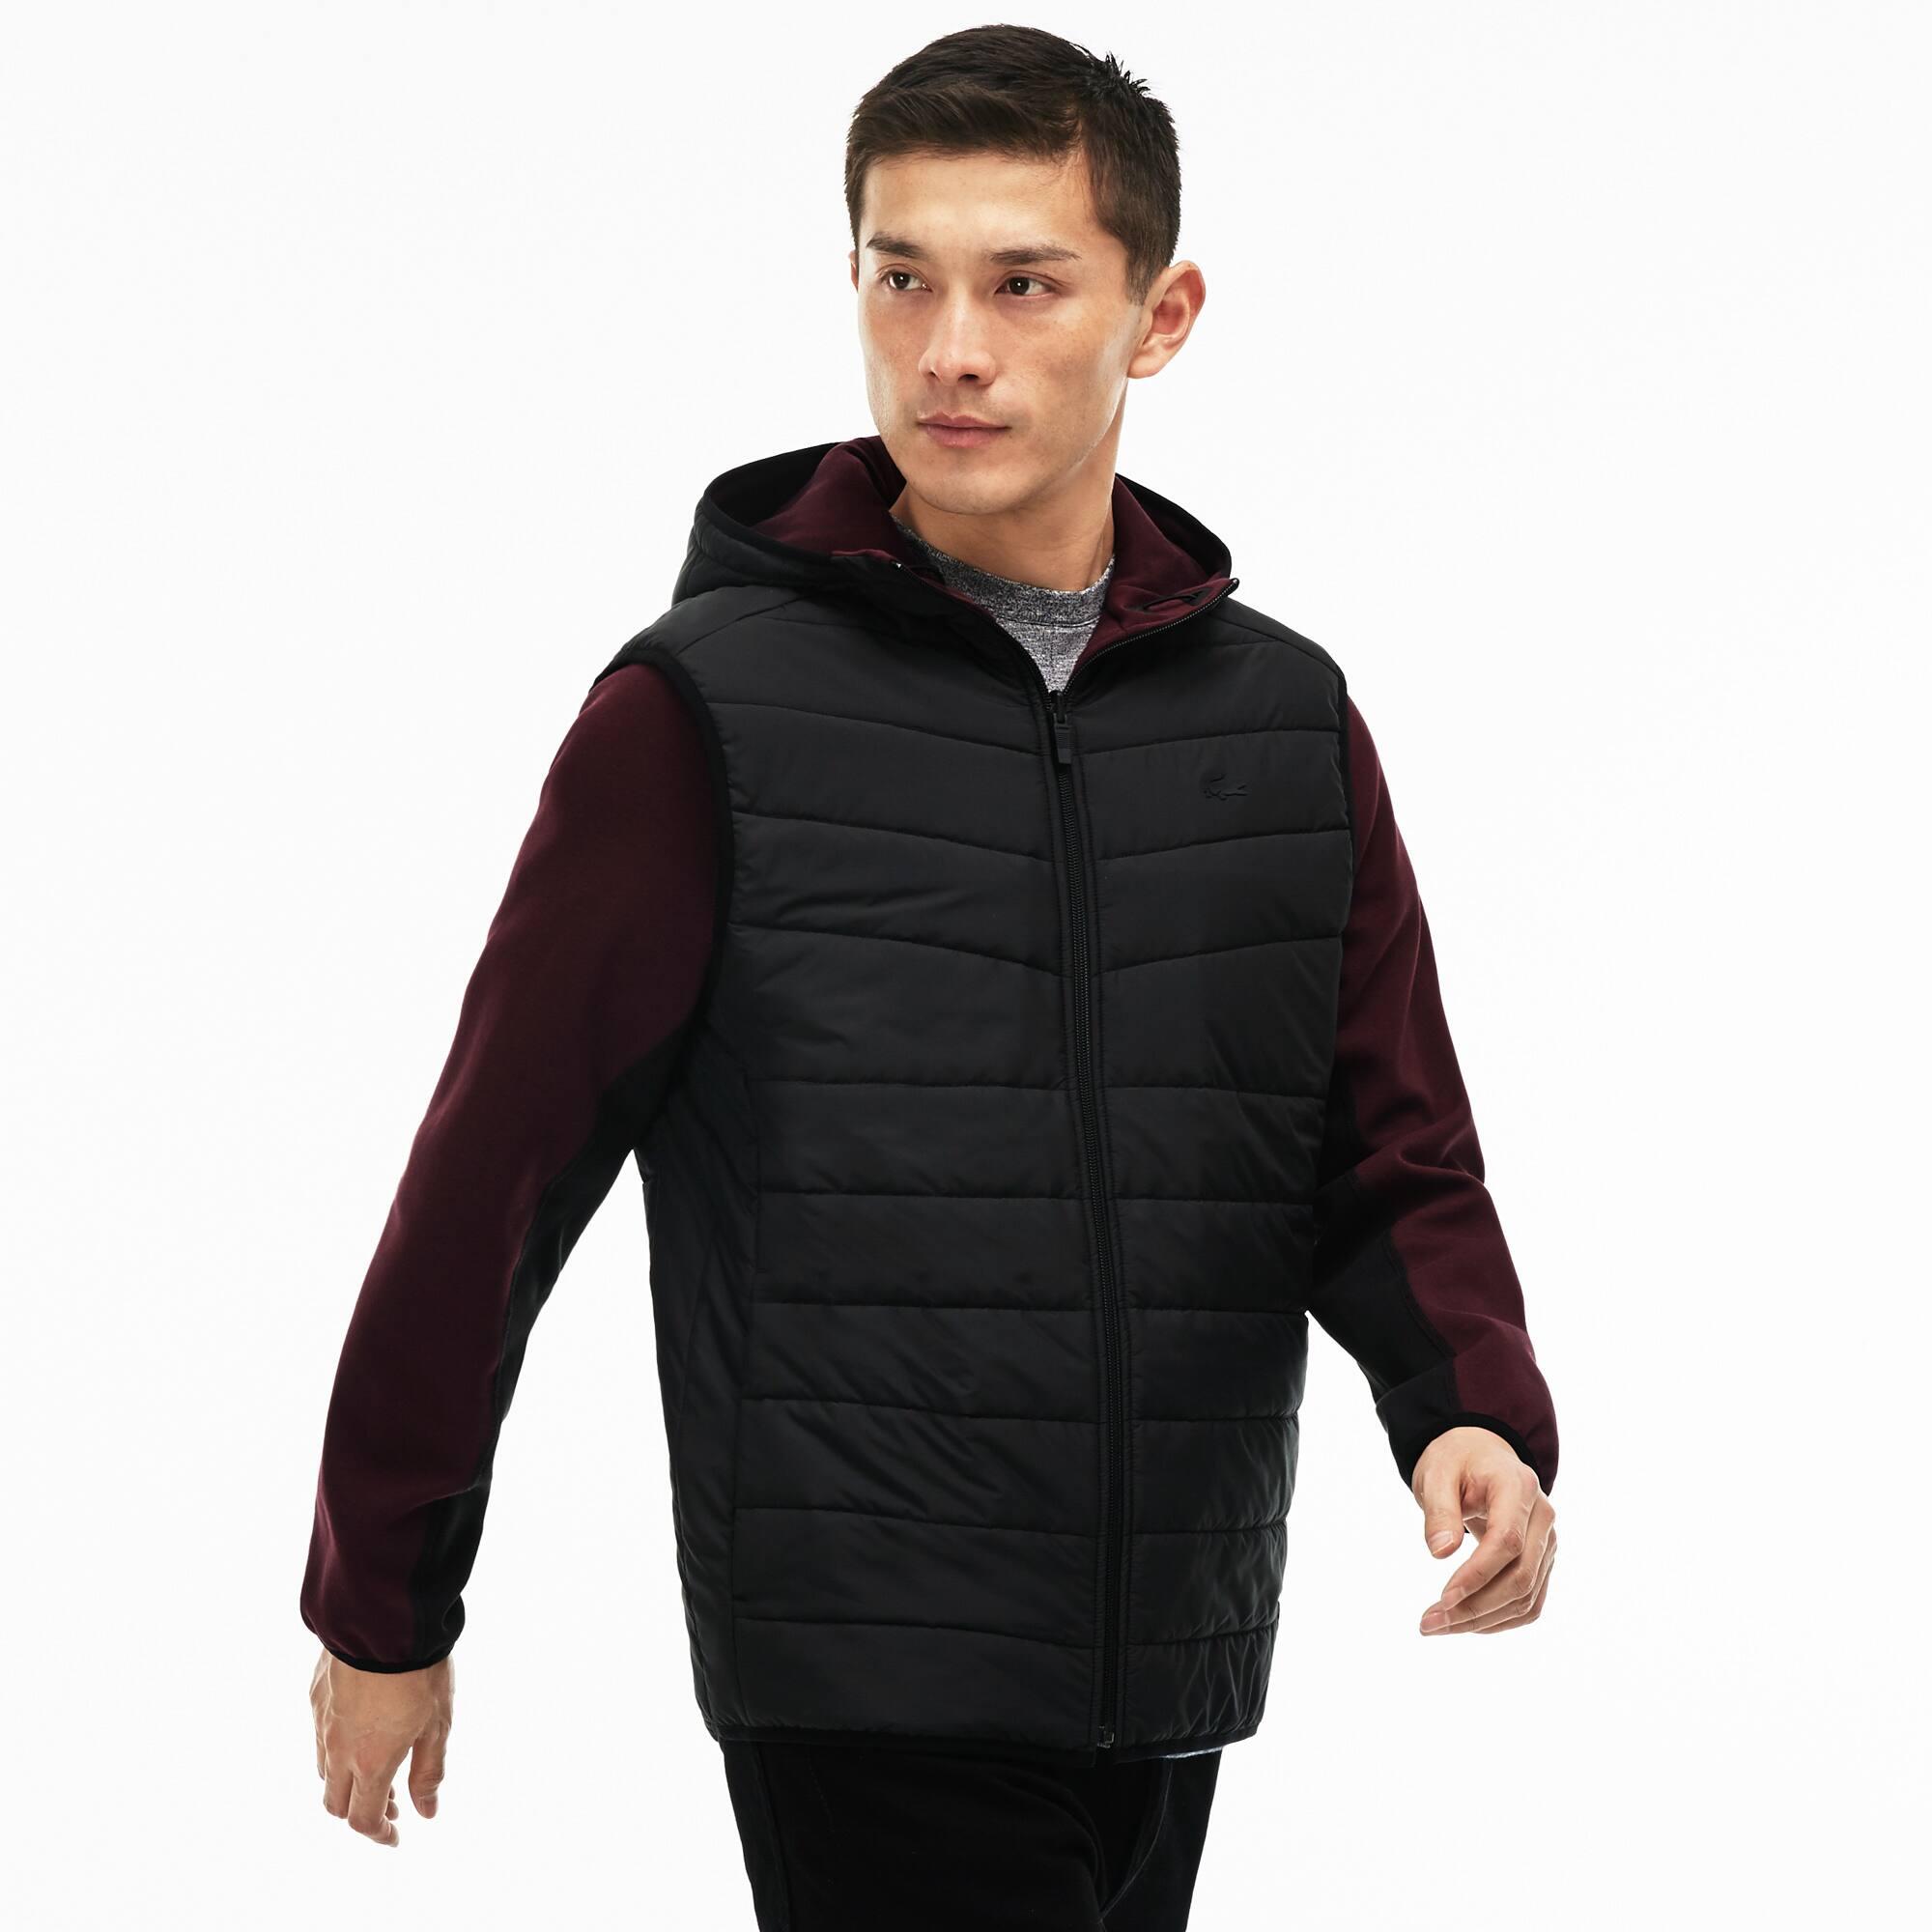 Herren-Sweatshirt aus zweifarbigem gestepptem Jersey mit Kapuze